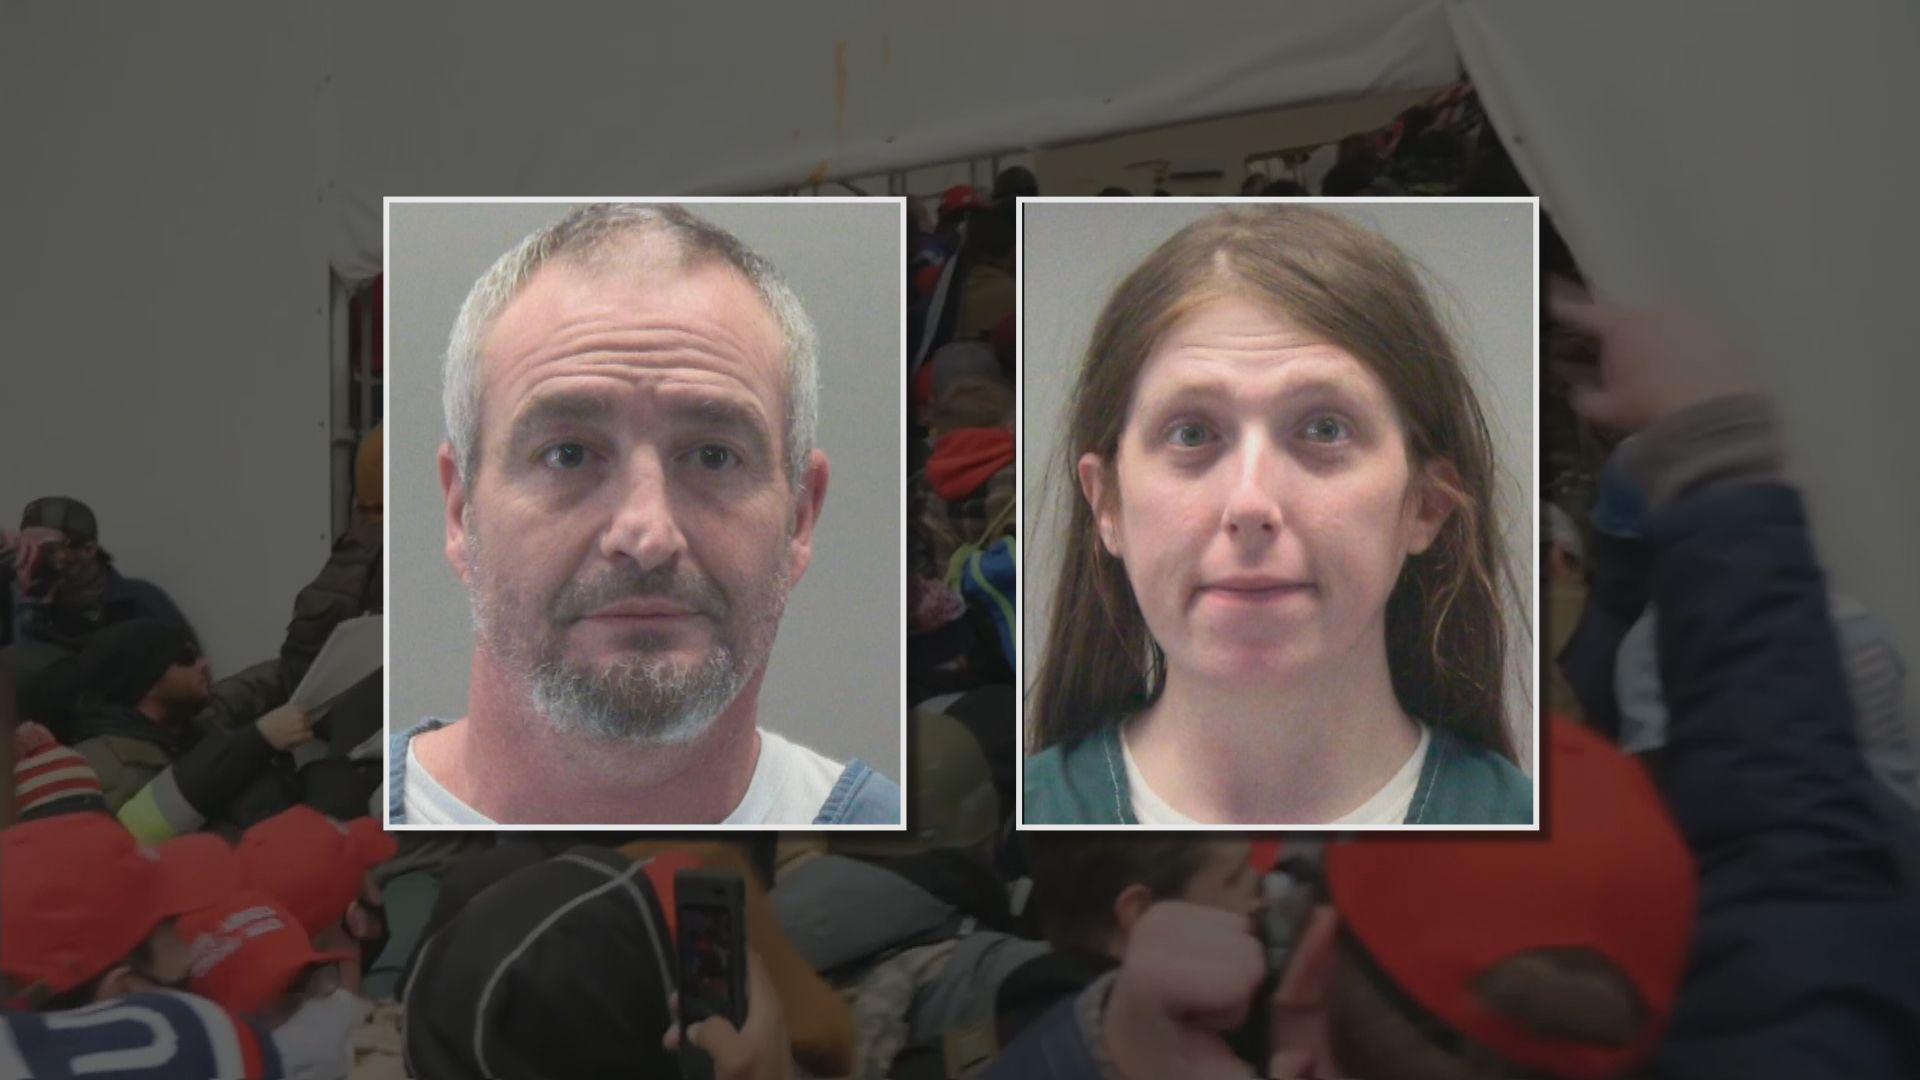 美國檢察部門起訴三人串謀策動衝擊國會